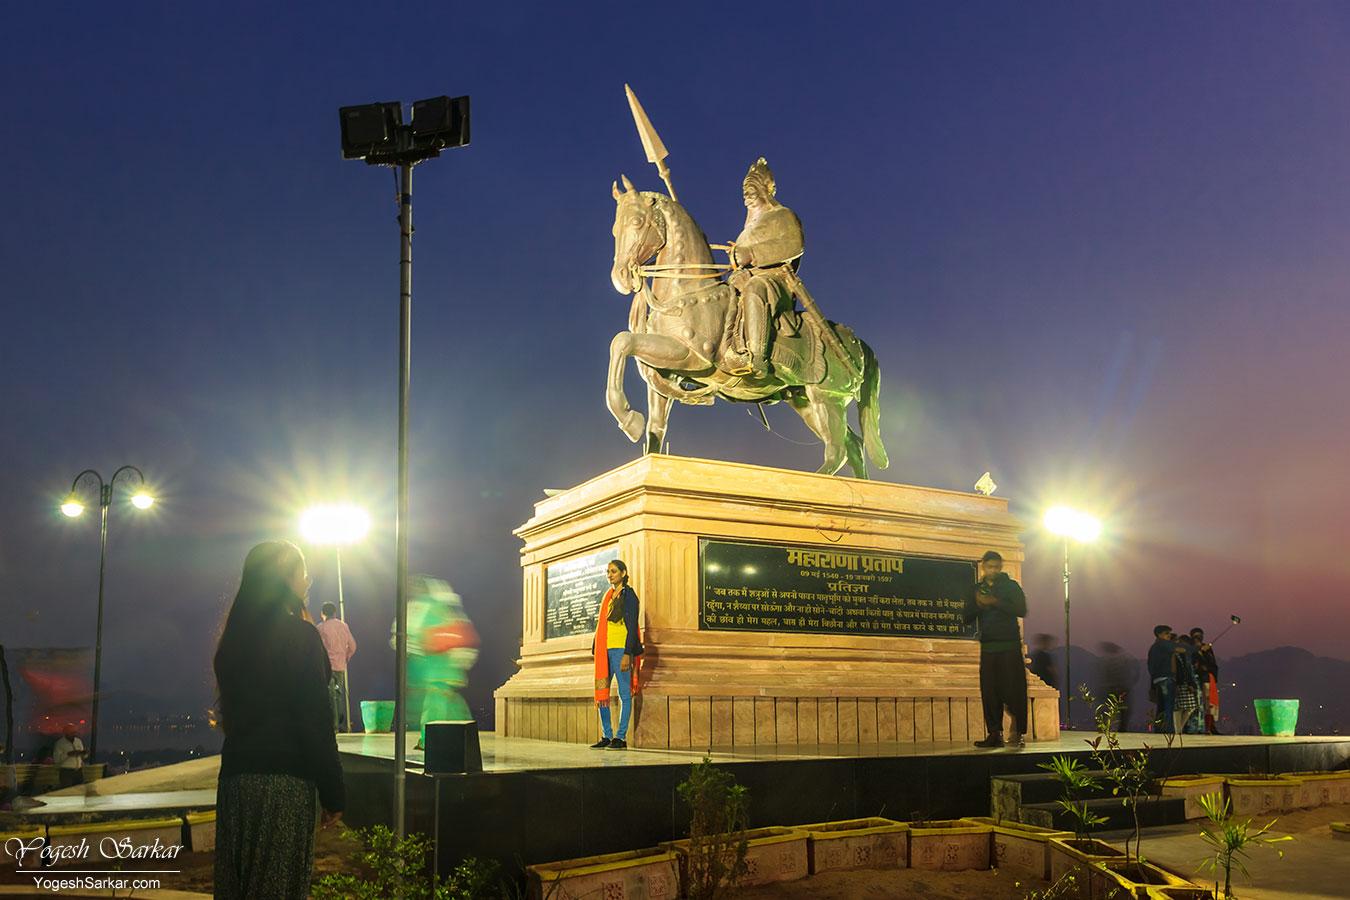 23-maharana-pratap-statue.jpg